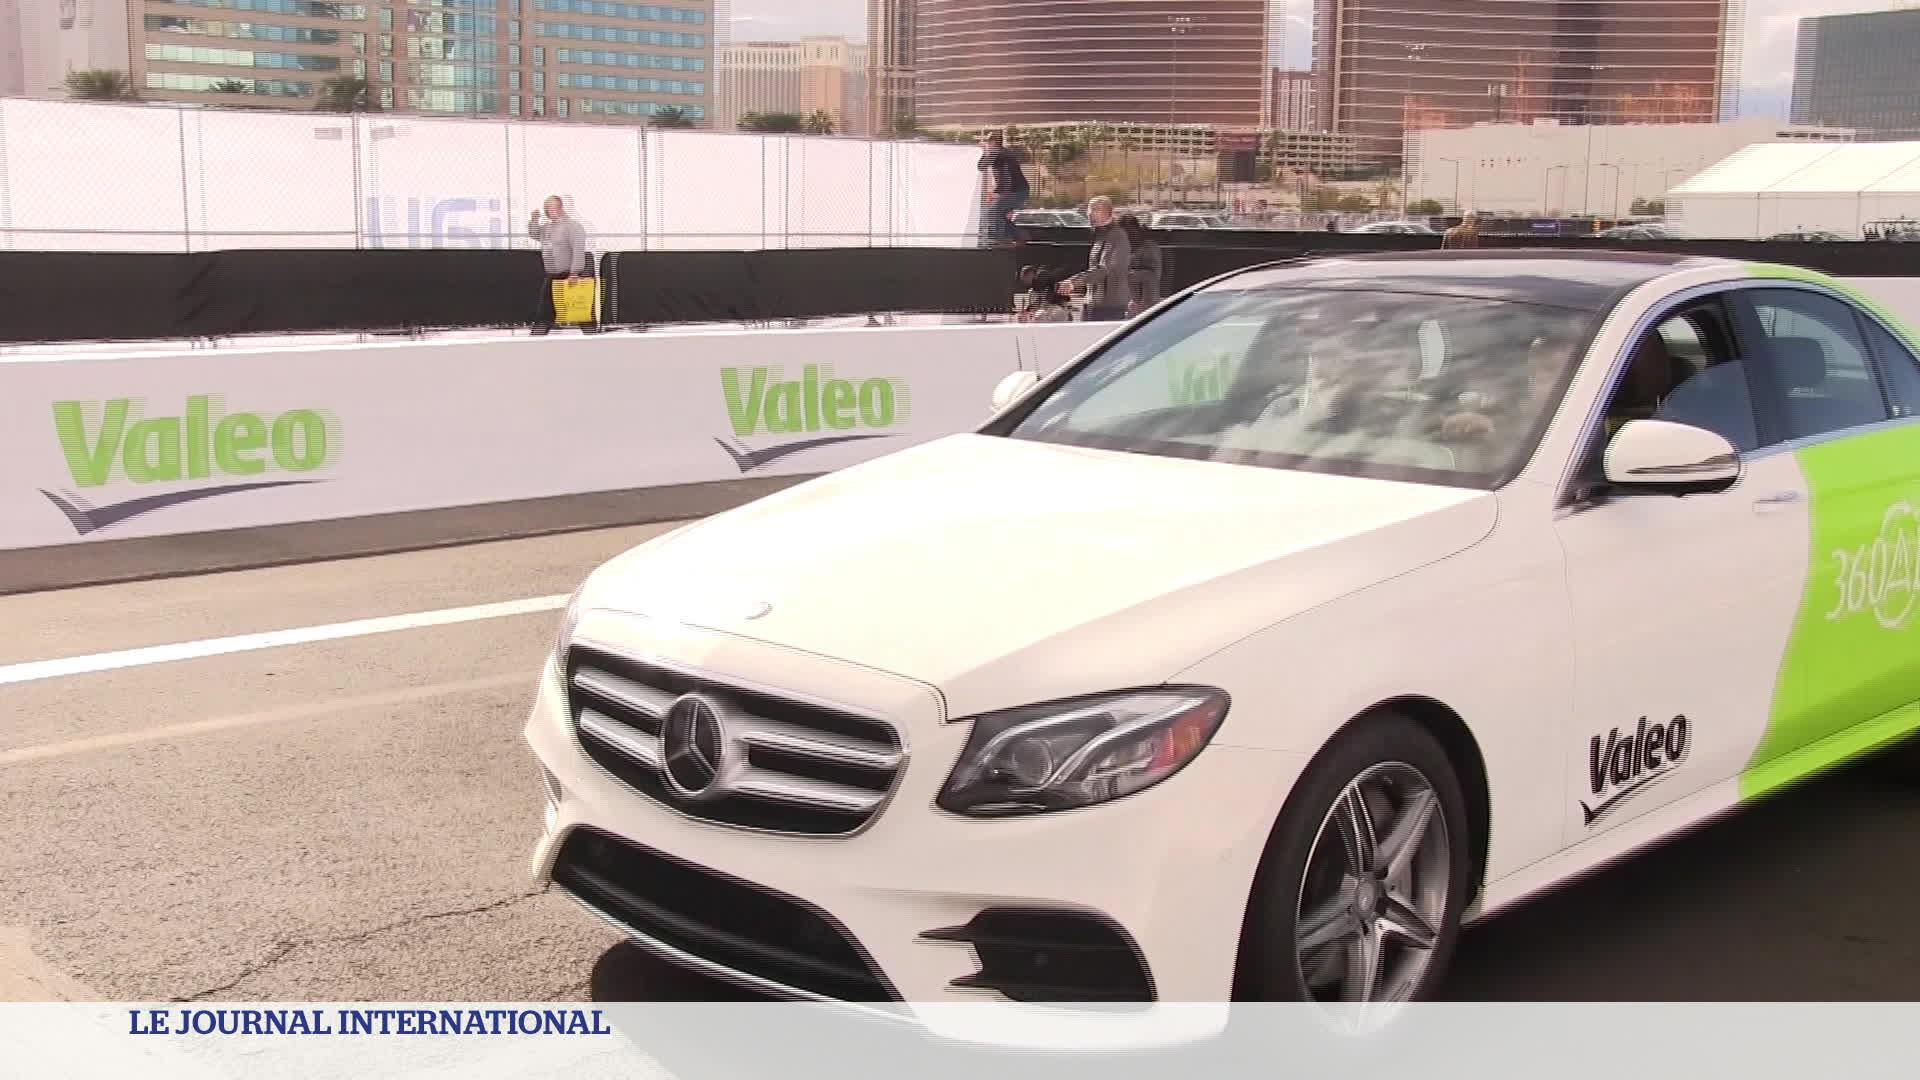 États-Unis : Voitures sans conducteur à Vegas